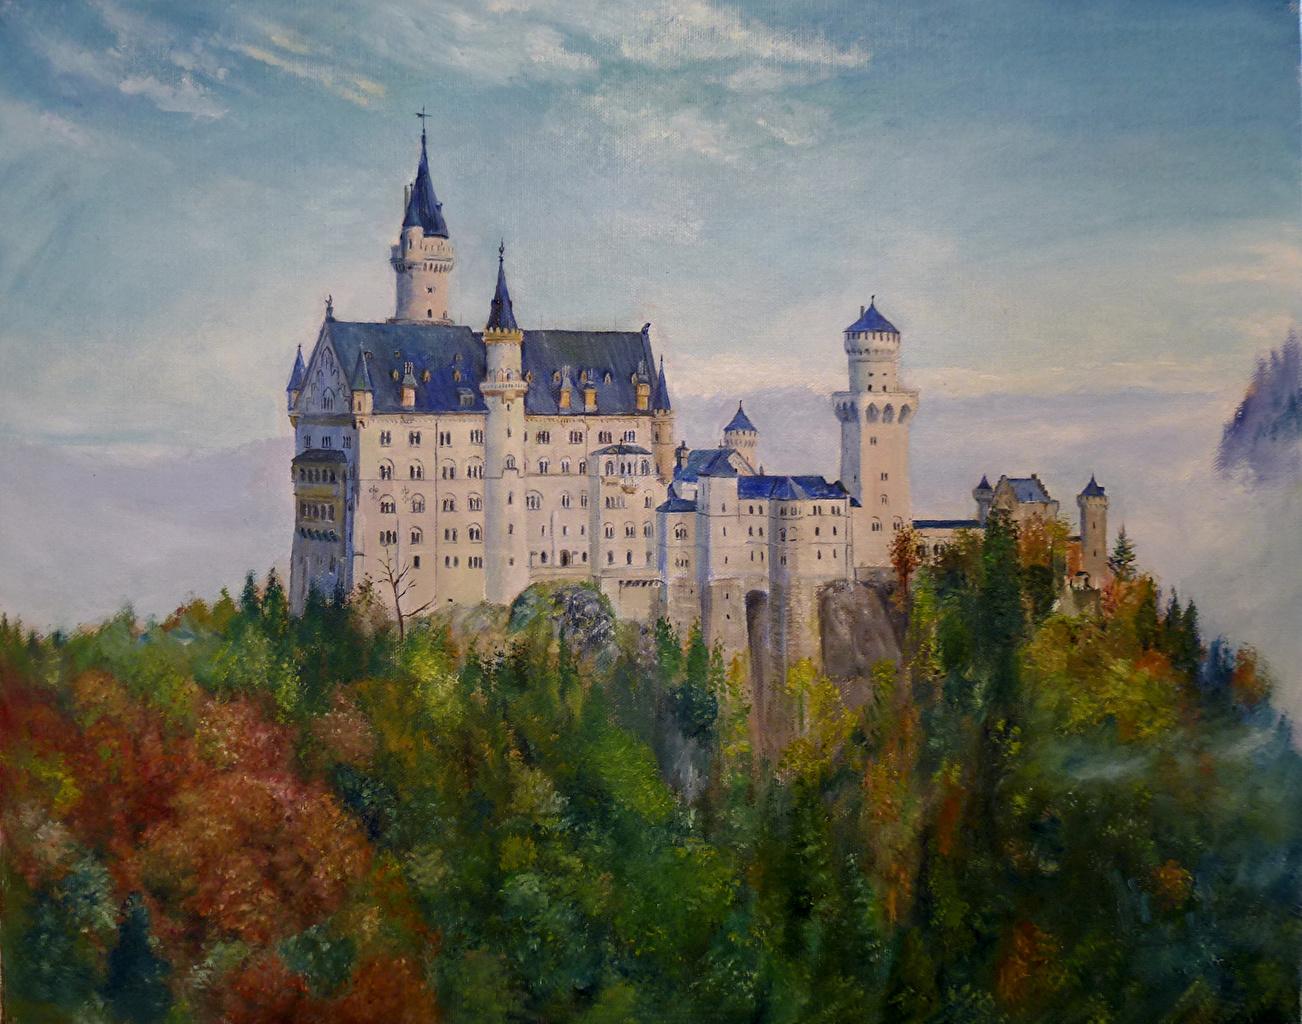 Fotos Von Bayern Schloss Neuschwanstein Deutschland Burg Stadte